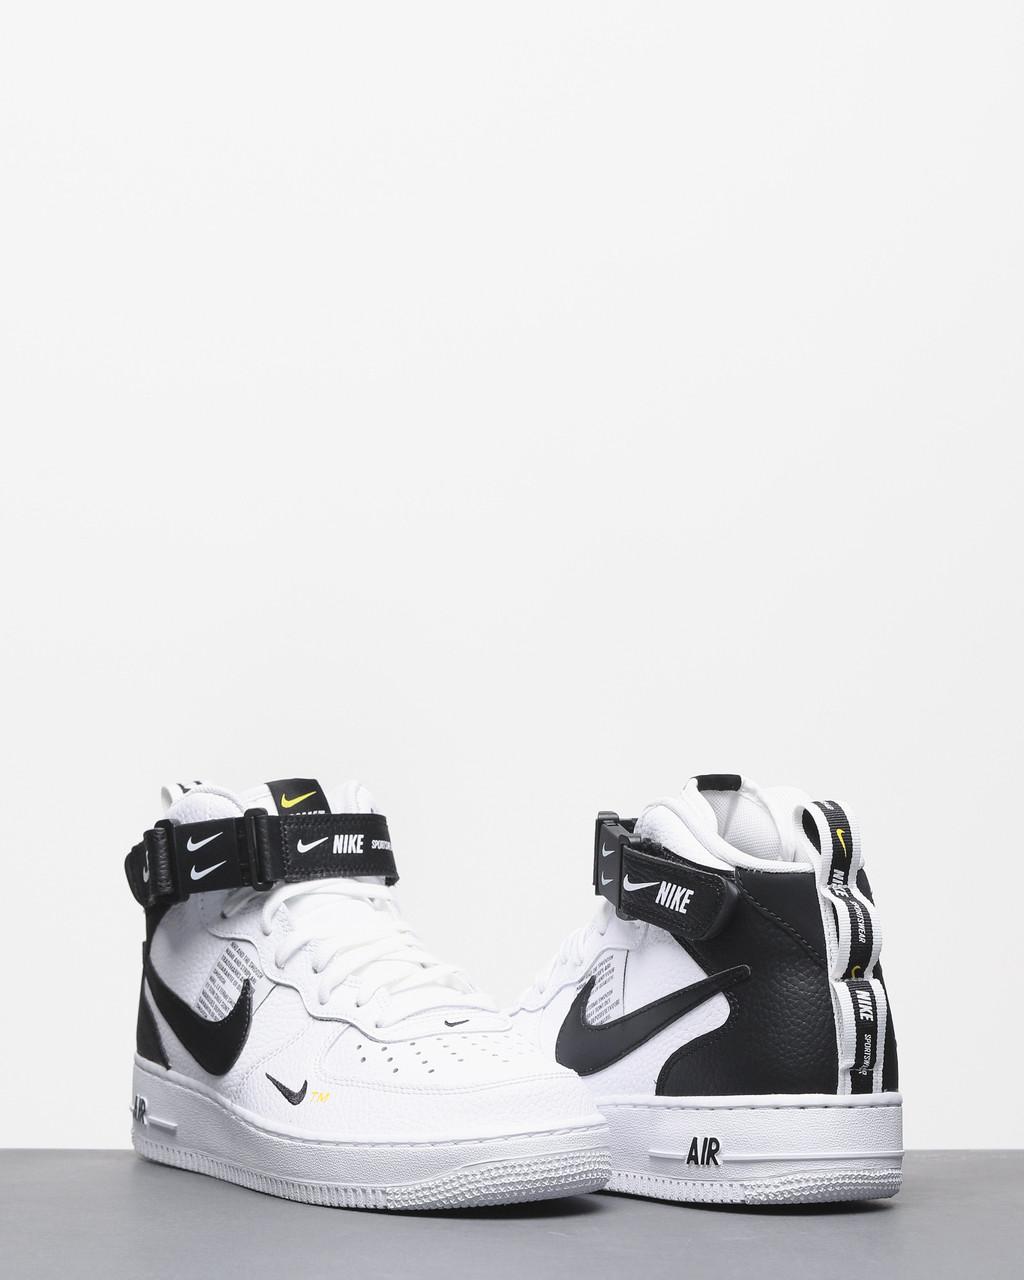 Кросівки жіночі Nike Air Force 1 MID '07 LV8 в стилі найк форси білі (Репліка ААА+)